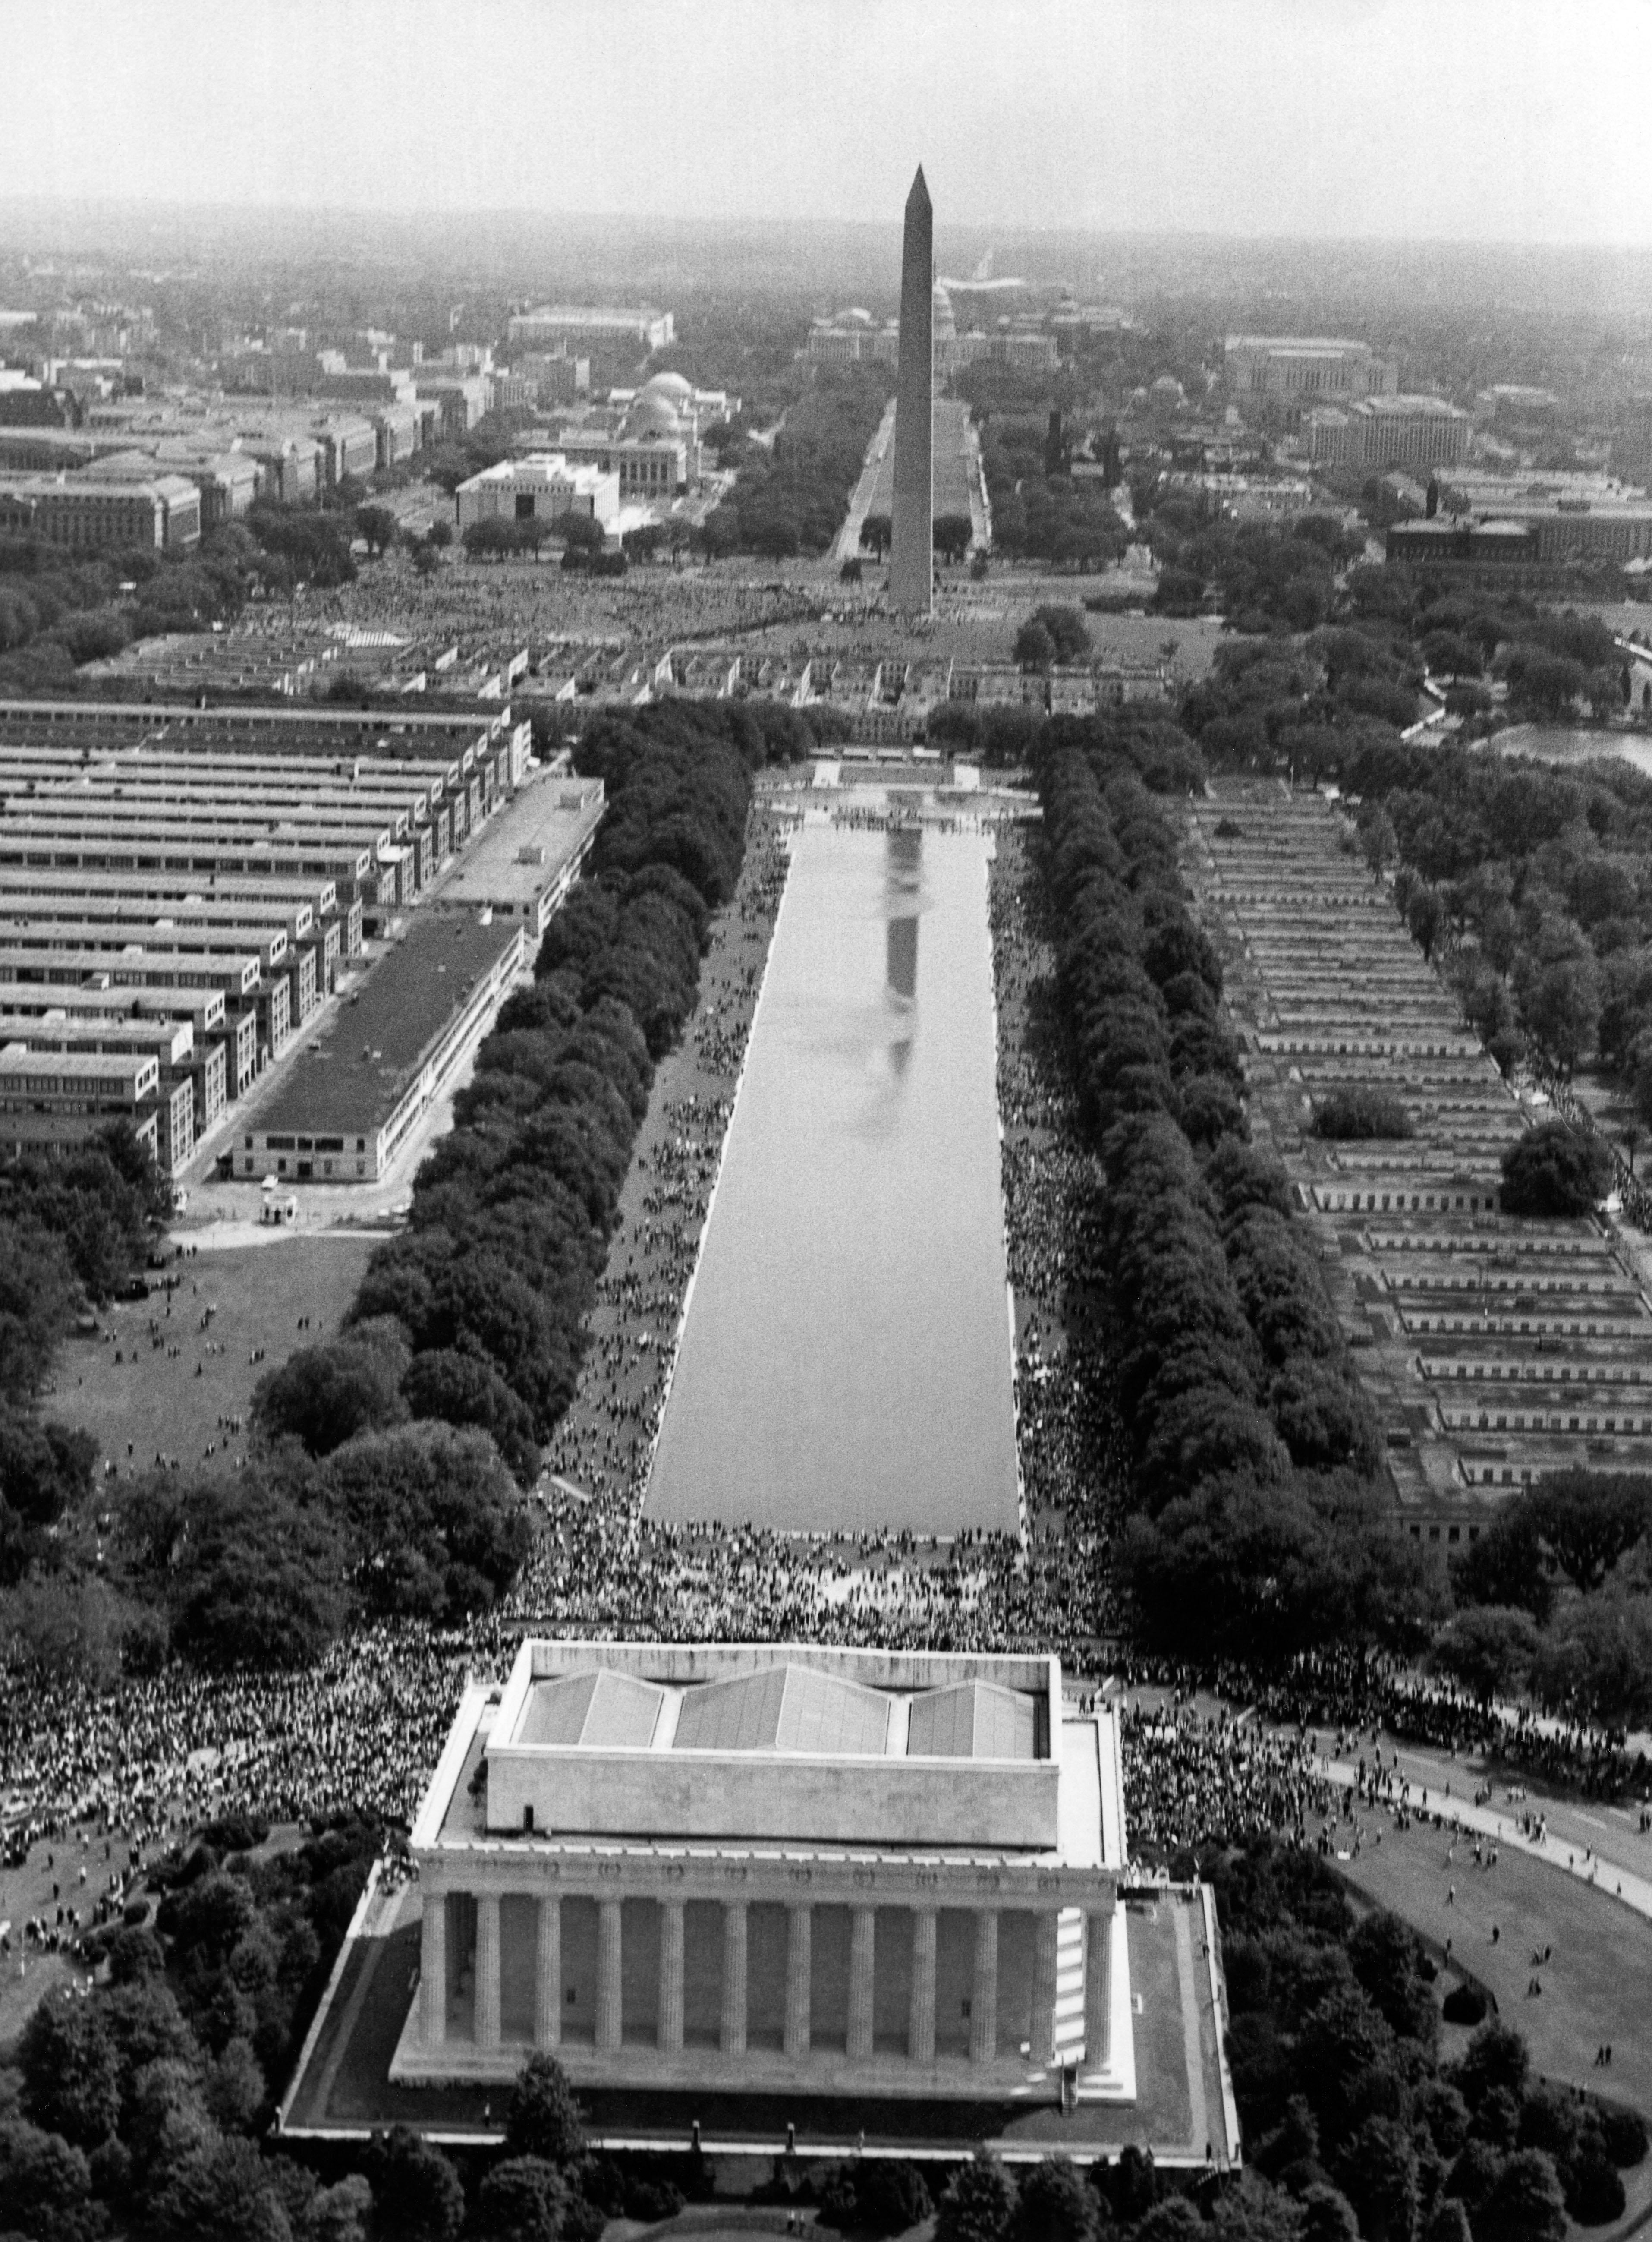 صورة جوية للمحتشدين أمام النصب التذكاري لأبراهام لينكولن حيث ألقى مارتن لوثر كينغ خطابه الشهير